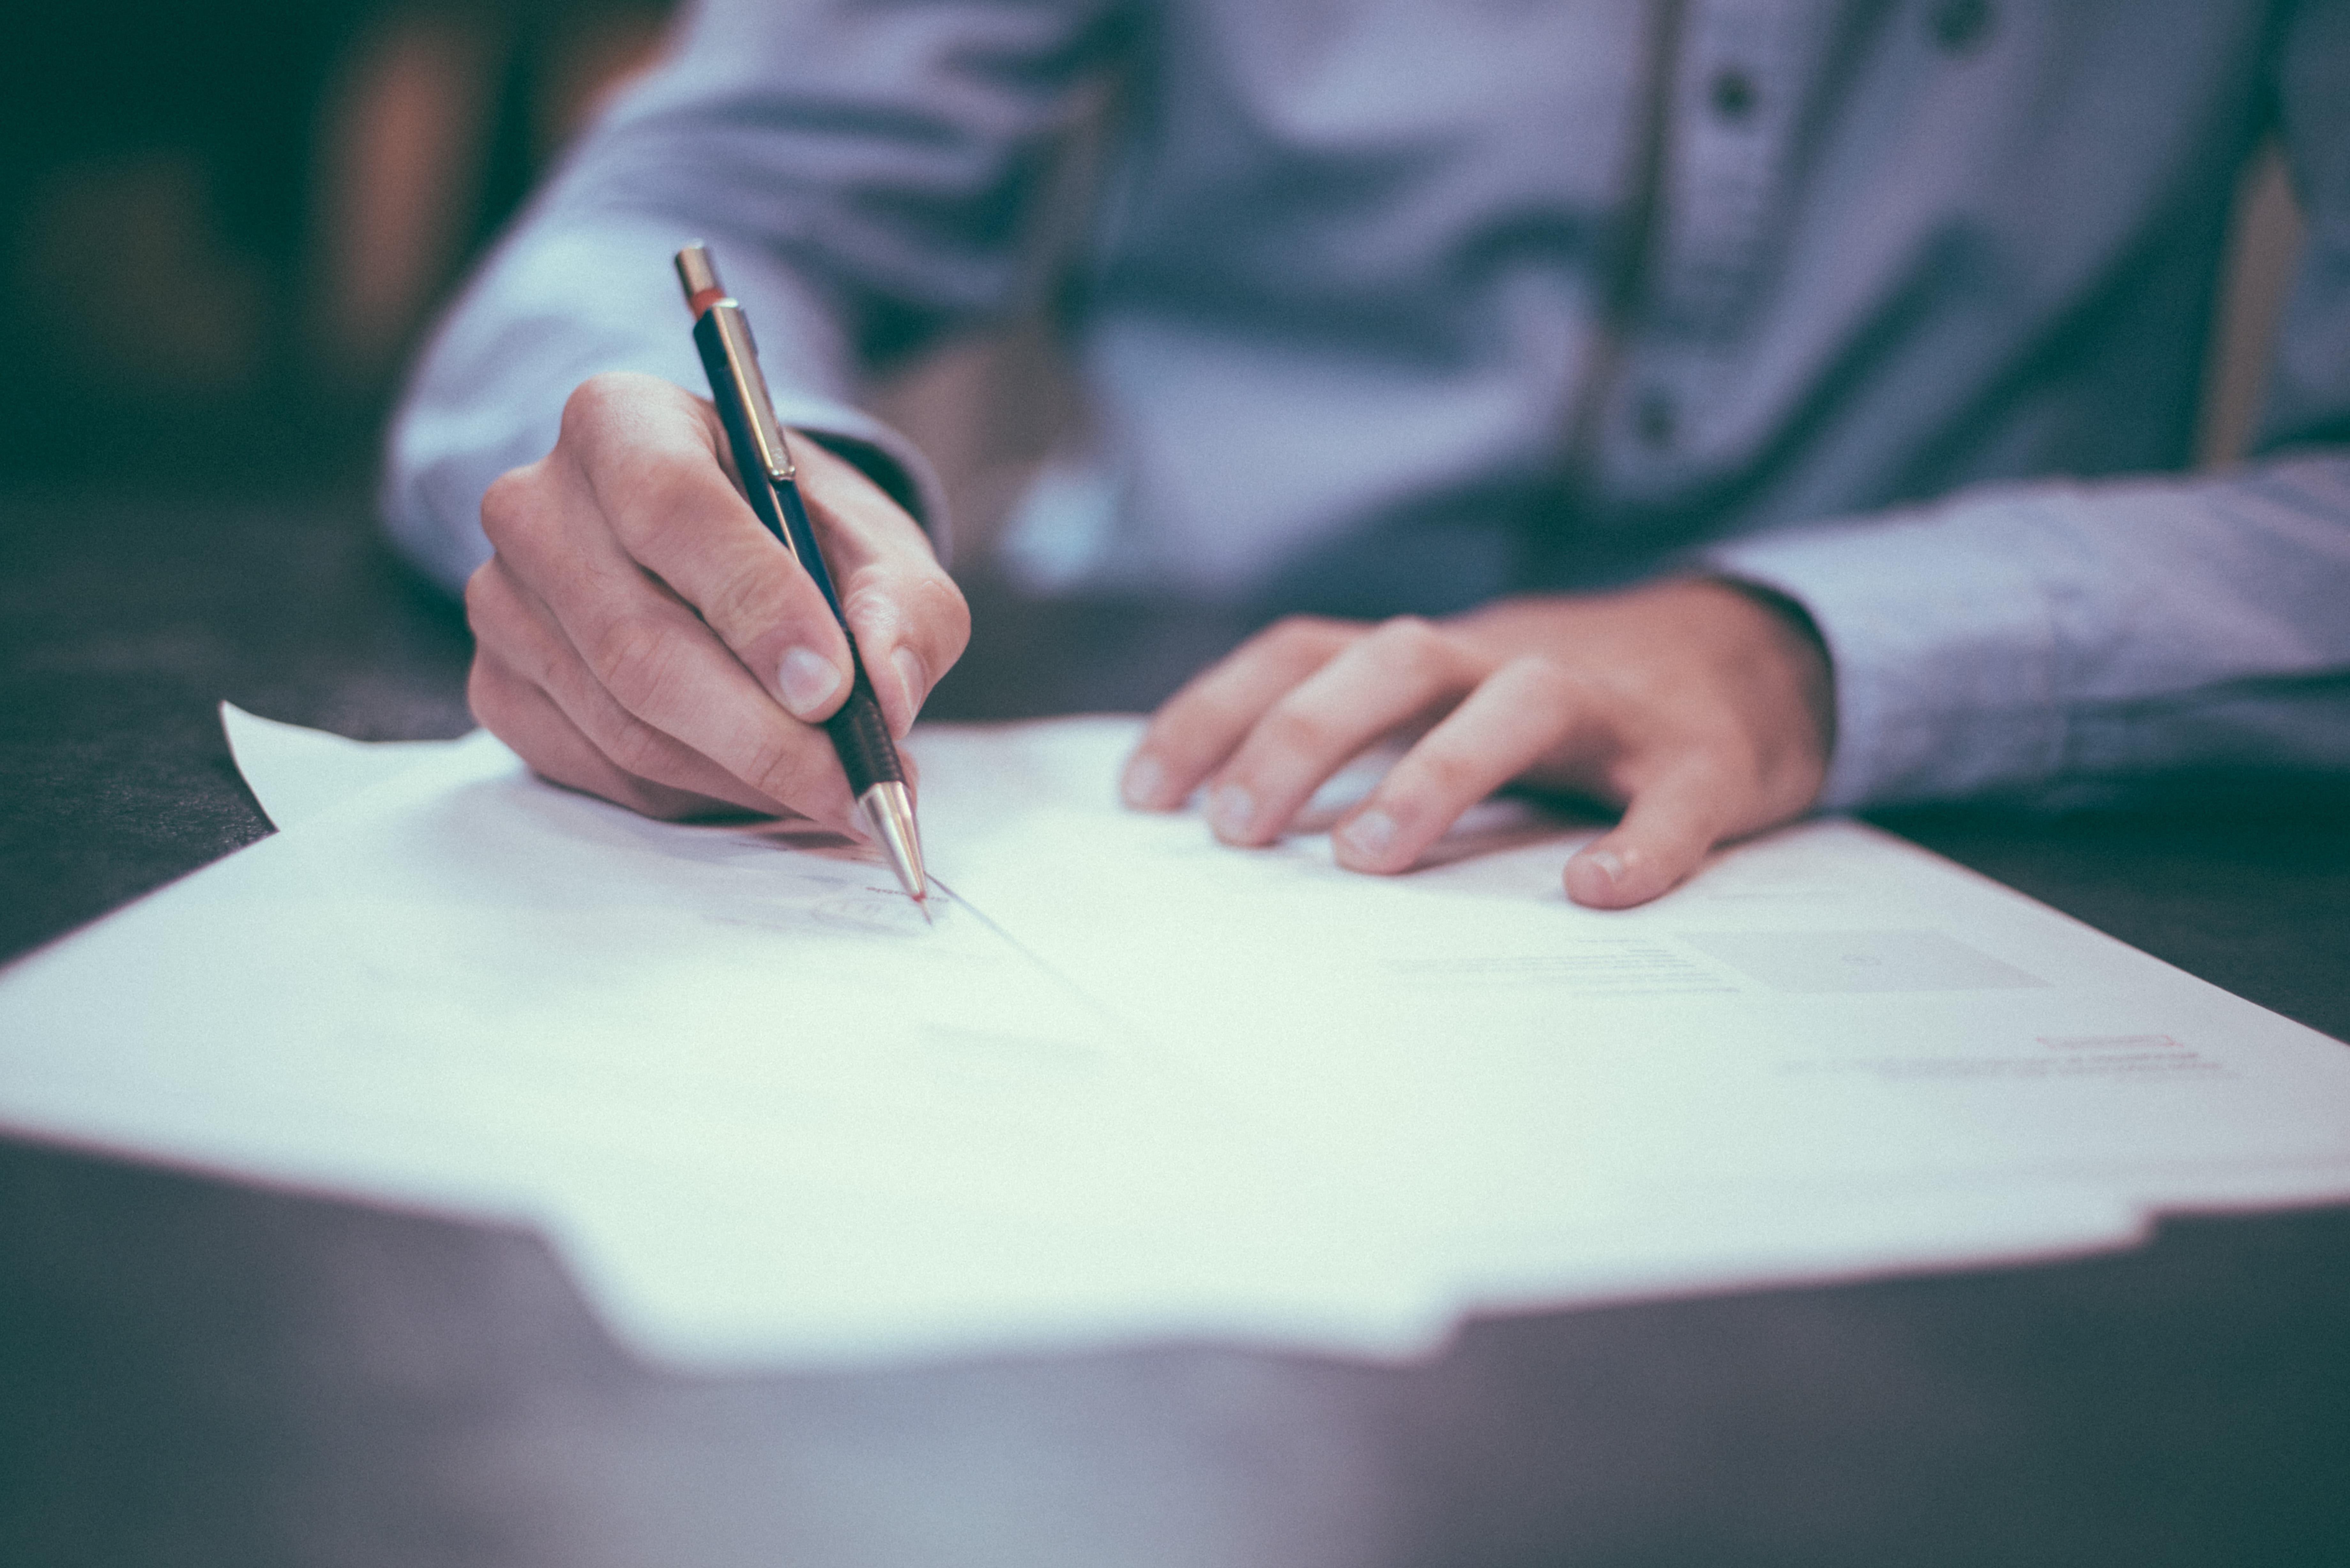 Pracownik podpisuje dokumenty - Pracownik wypełnia dokumenty